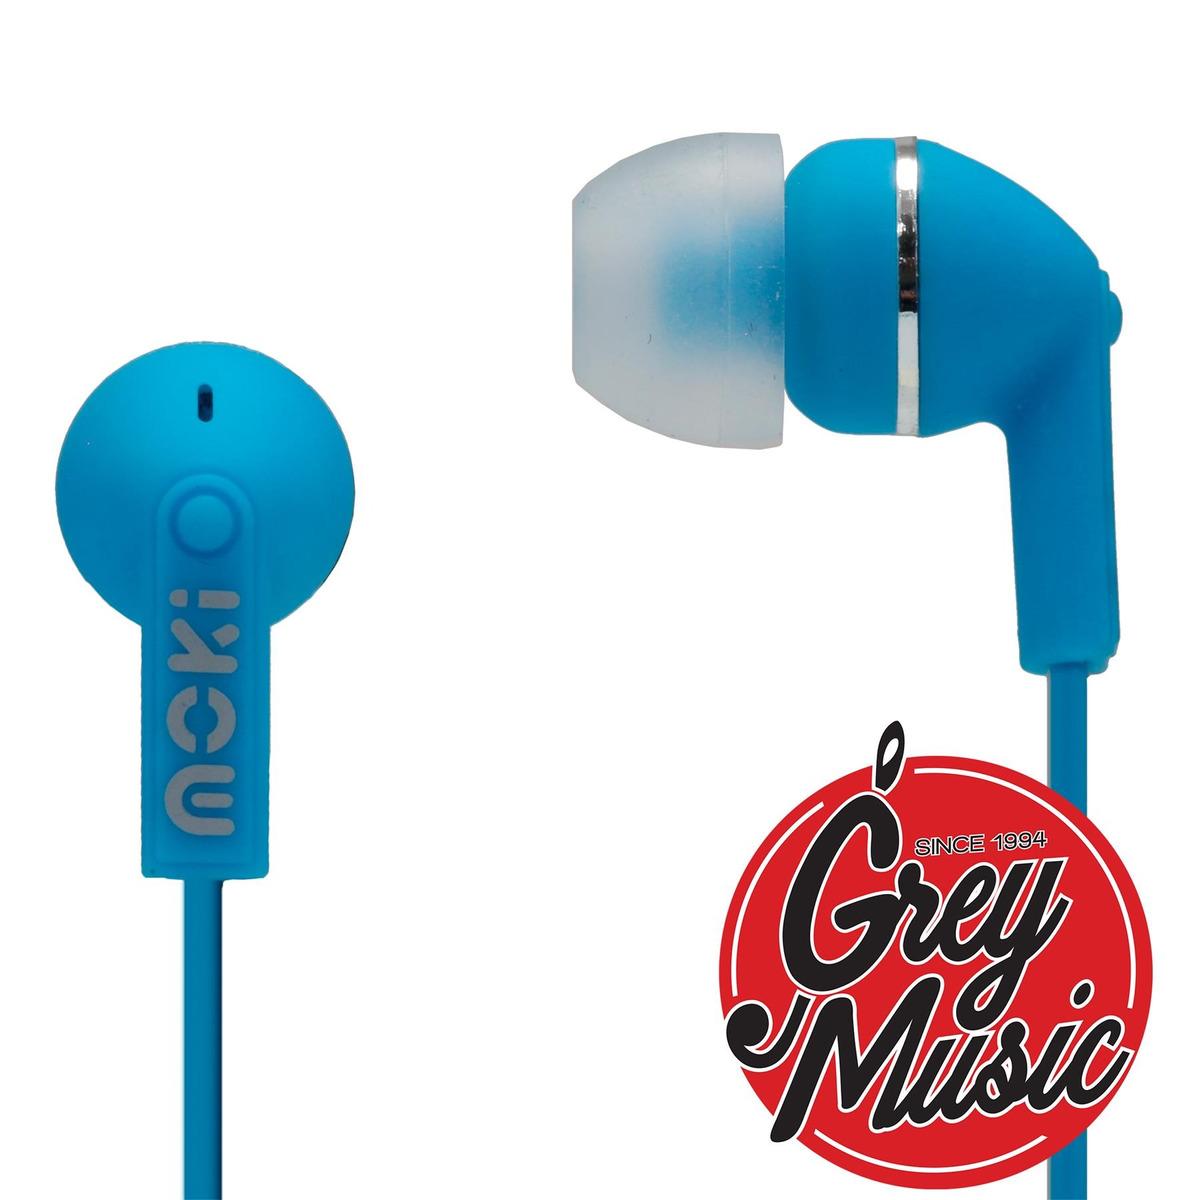 Auricular Moki Acc Hpdotb In Ear Dots Noise Isolation Bl